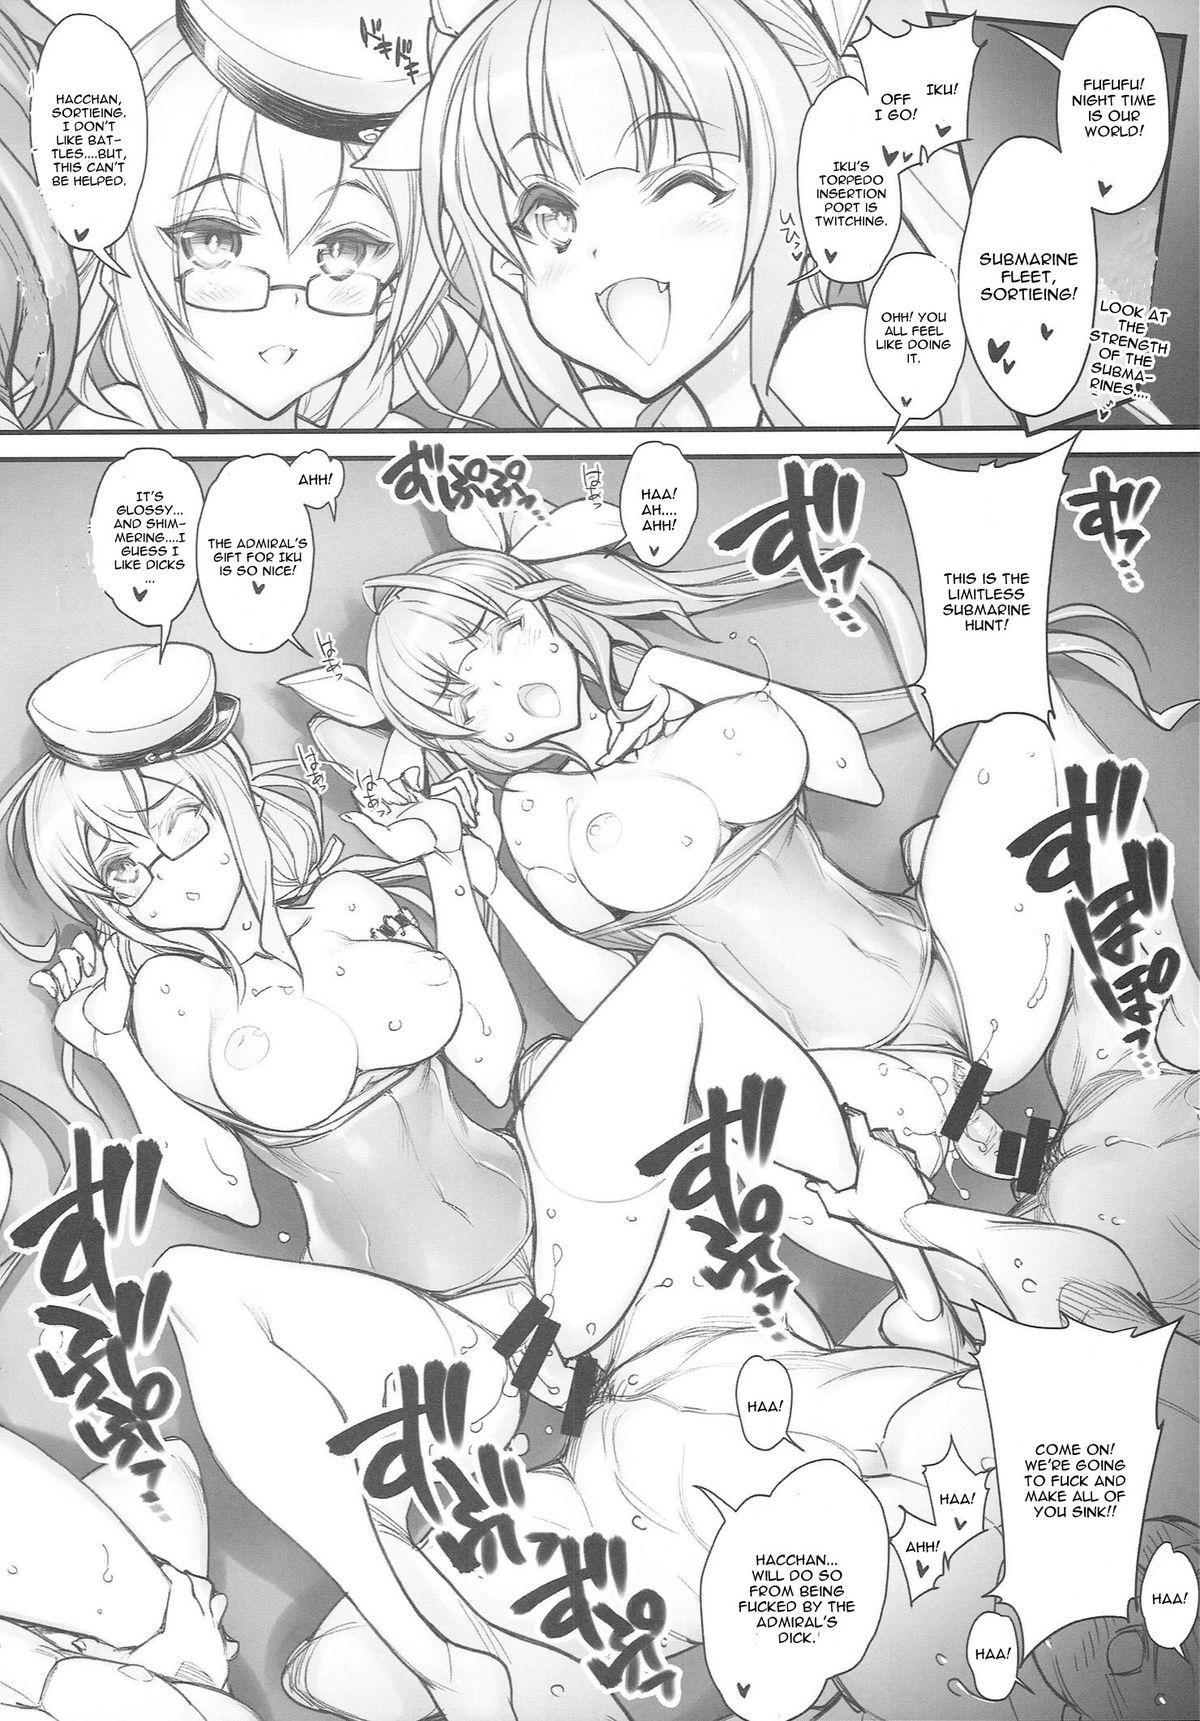 (CT25) [Kashiwa-ya (Hiyo Hiyo)] KanColle -SEX FLEET COLLECTION- Kan-musu Catalog (Kantai Collection -KanColle-) [English] [CGRascal] 46